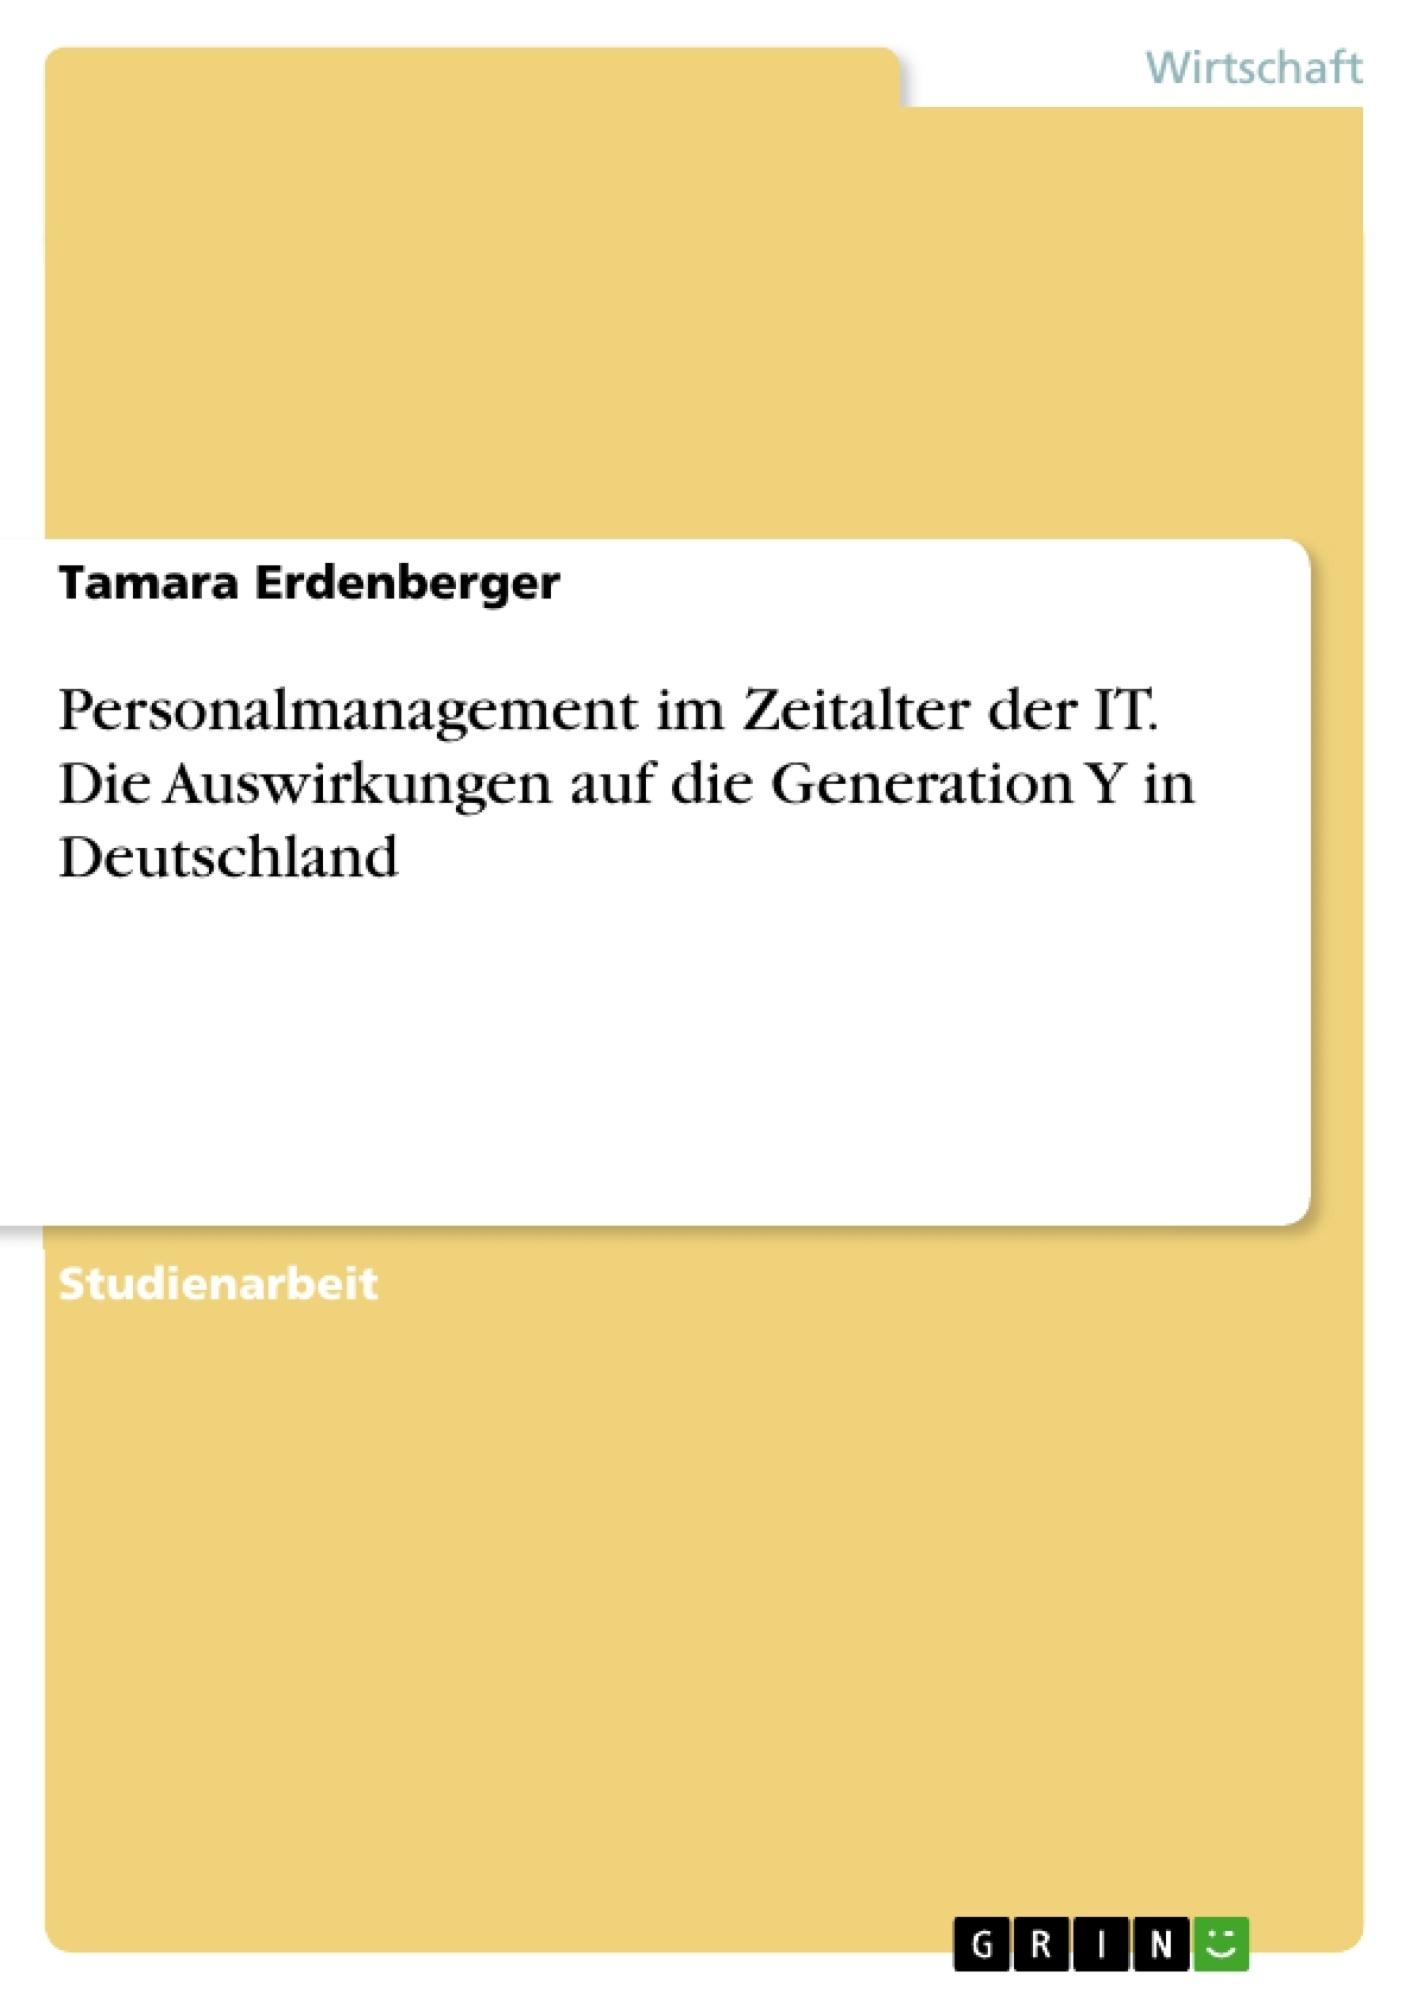 Titel: Personalmanagement im Zeitalter der IT. Die Auswirkungen auf die Generation Y in Deutschland